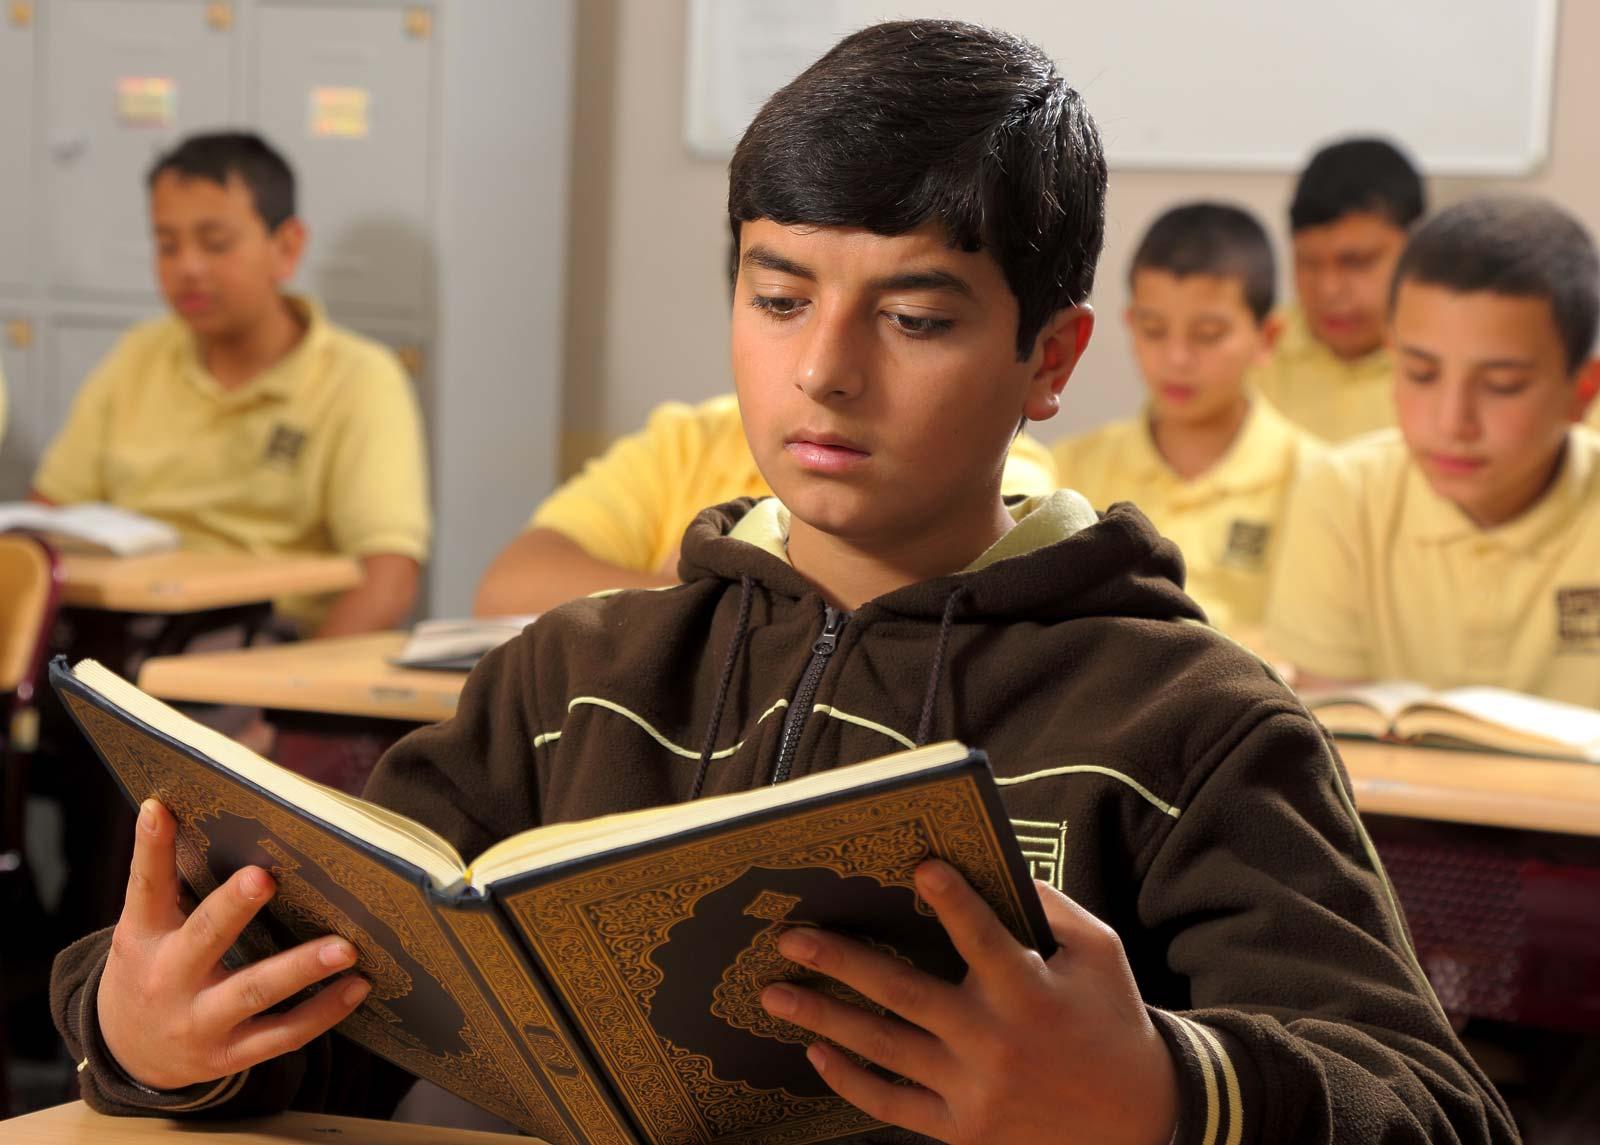 متقن تلاوة وحفظ القرآن الكريم